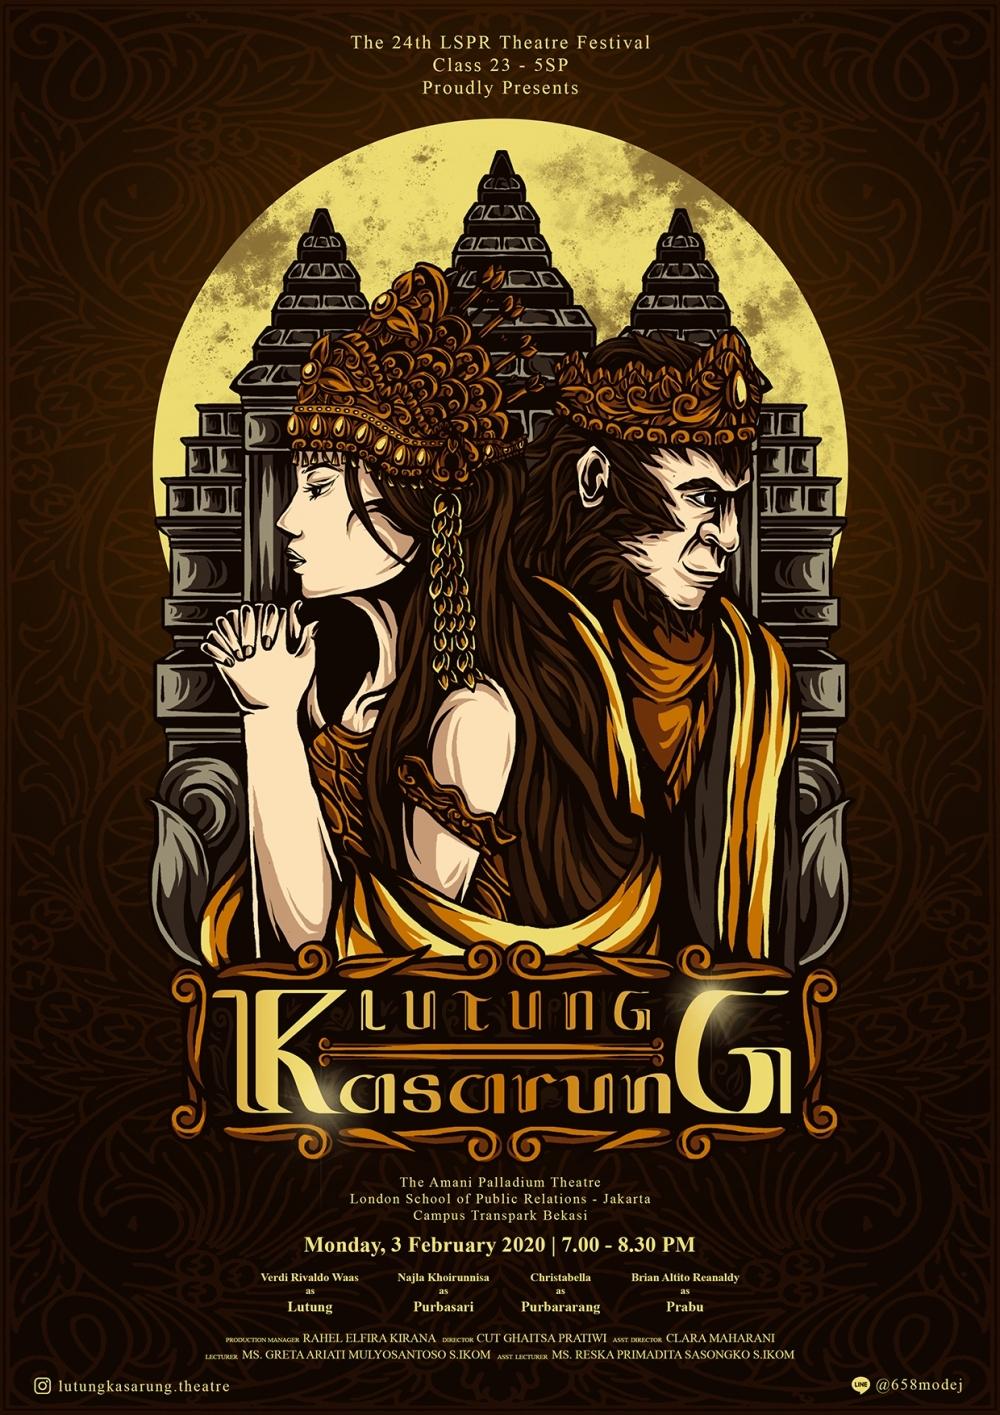 Lutung Kasarung by Gheraldo Alfaro (Tetrisdraw),branding,desain karakter,seni digital,ilustrasi